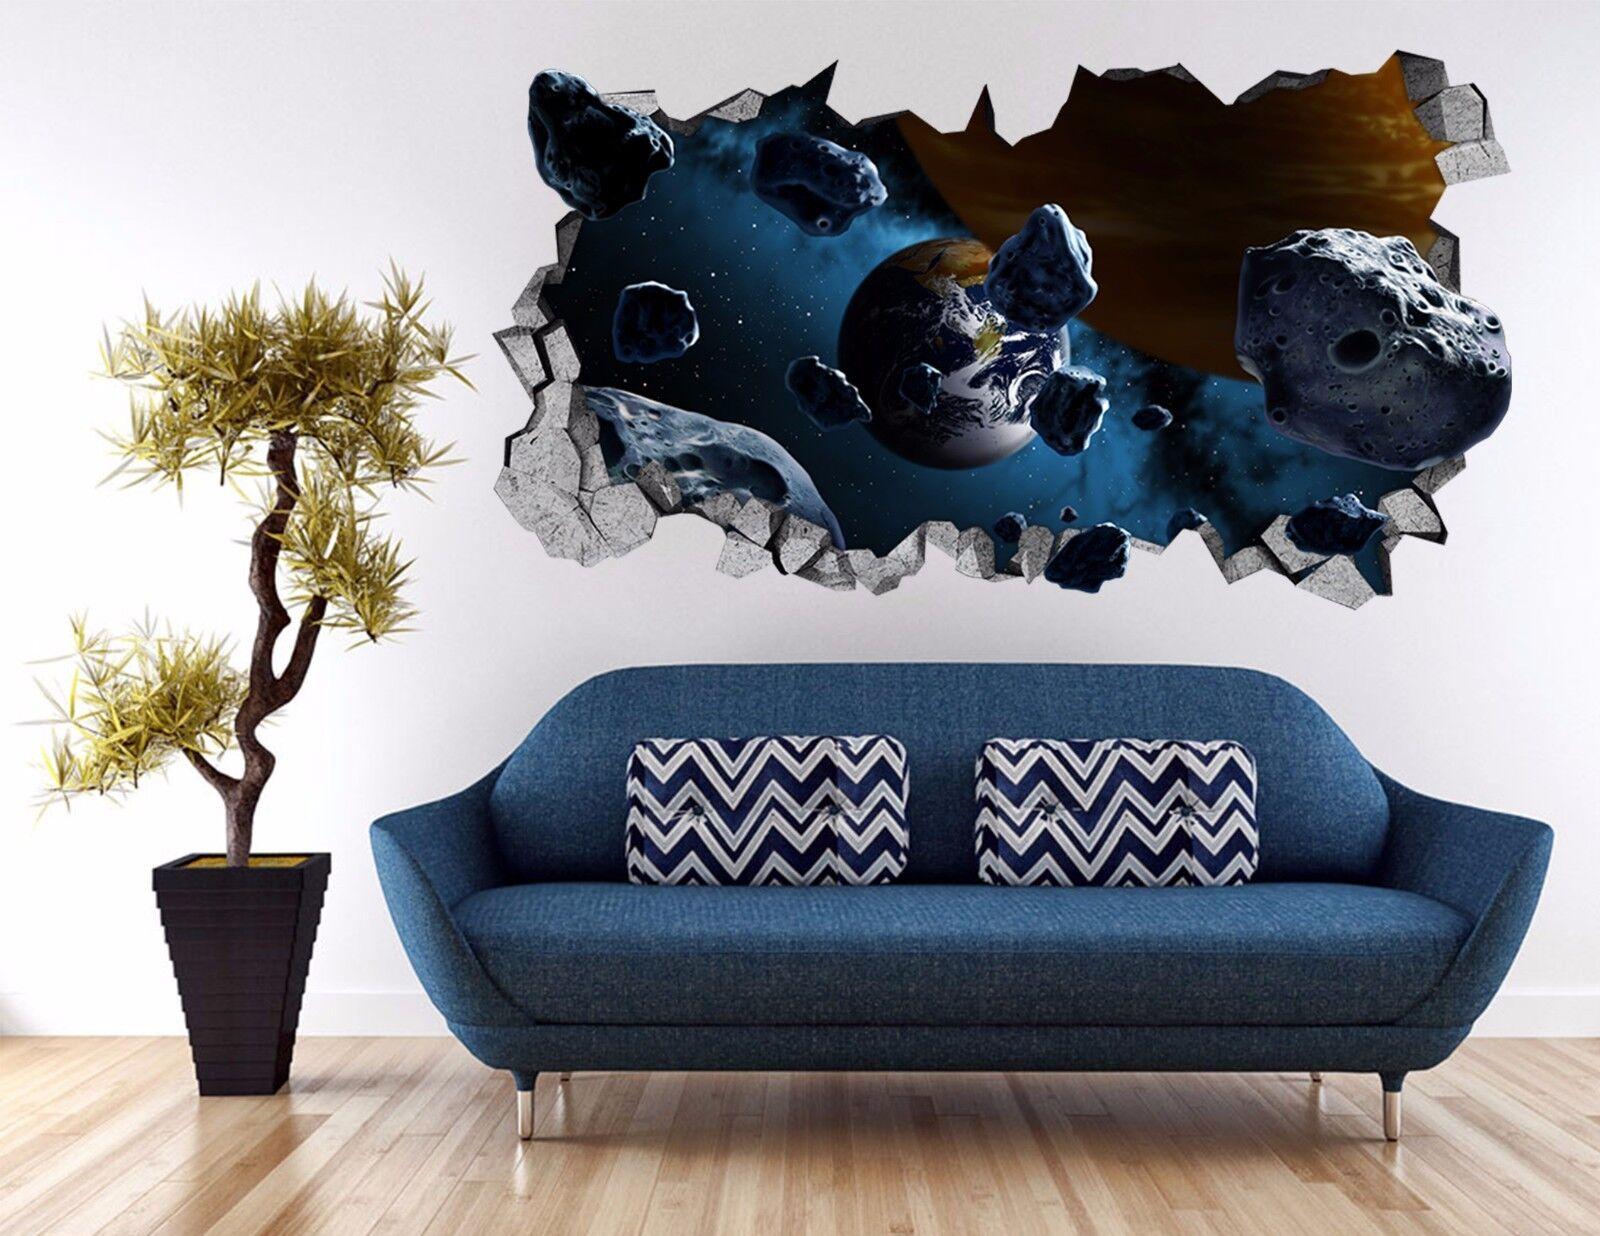 3D Sternplaneten 98 Mauer Murals Mauer Aufklebe Decal Durchbruch AJ WALL DE Kyra